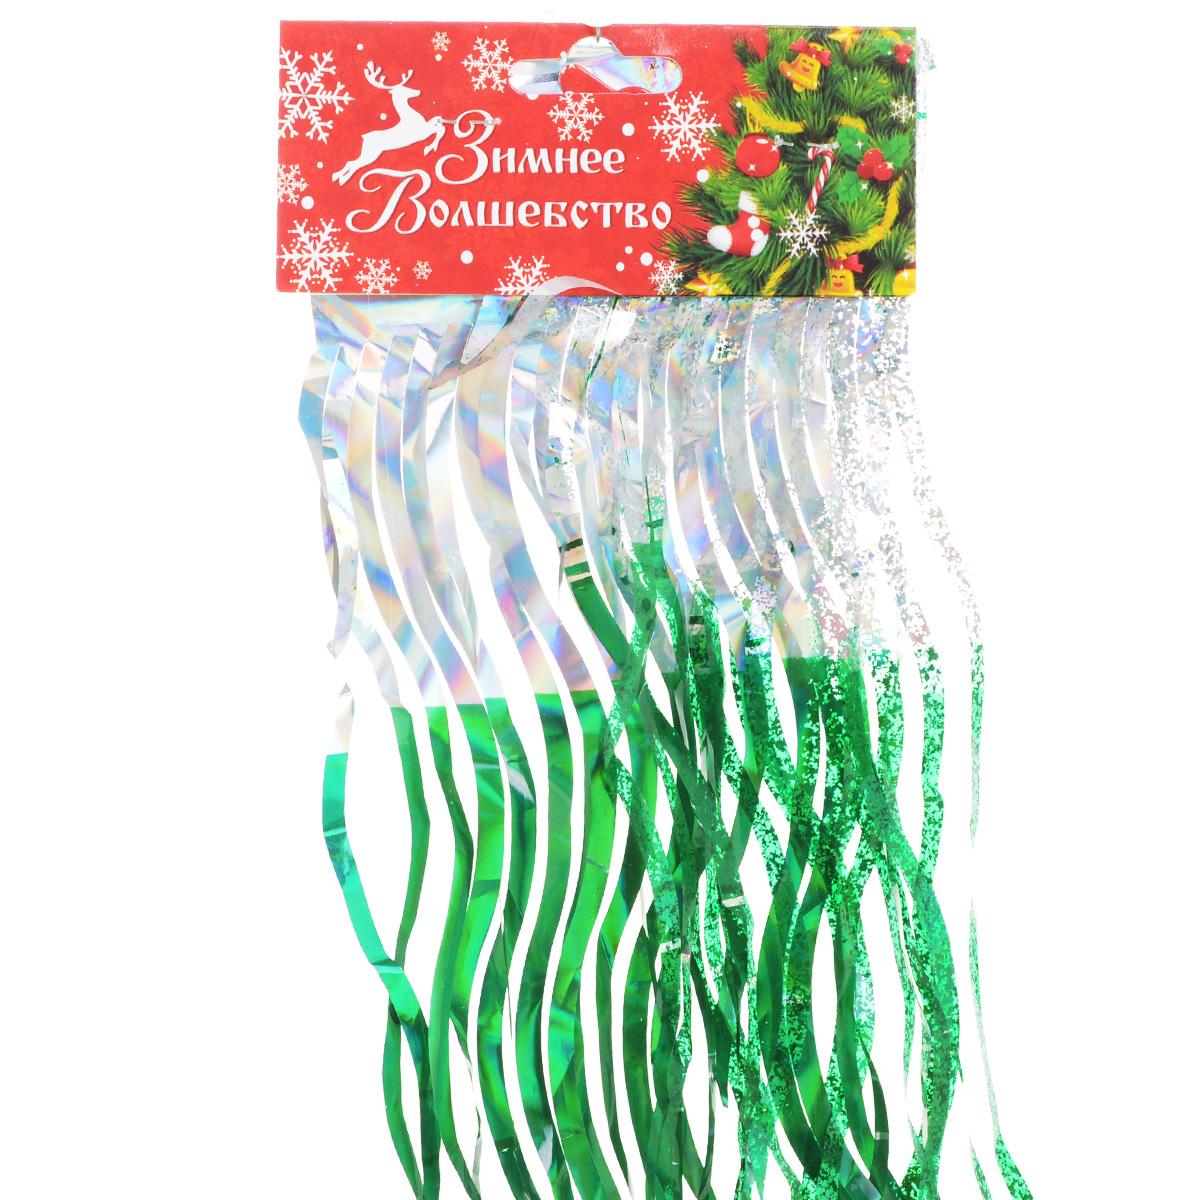 Дождик новогодний Sima-land, цвет: зеленый, серебристый, 15 х 100 см 701539701539Двухцветный новогодний дождик Sima-land, изготовленный из фольги, поможетвам украсить свой дом к предстоящим праздникам. Новогодняя елка с такимукрашением станет еще наряднее. Новогодним дождиком можно украсить все, что угодно - елку, квартиру, дачу,офис - как внутри, так и снаружи. Можно сложить новогодние поздравления, буквыи цифры, дождиком можно украсить и дополнить гирлянды, можно выделитьдверные колонны, оплести дверные проемы.Коллекция декоративных украшений из серии Зимнее волшебство принесет вваш дом ни с чем несравнимое ощущение праздника! Создайте в своем домеатмосферу тепла, веселья и радости, украшая его всей семьей. Ширина: 15 см.